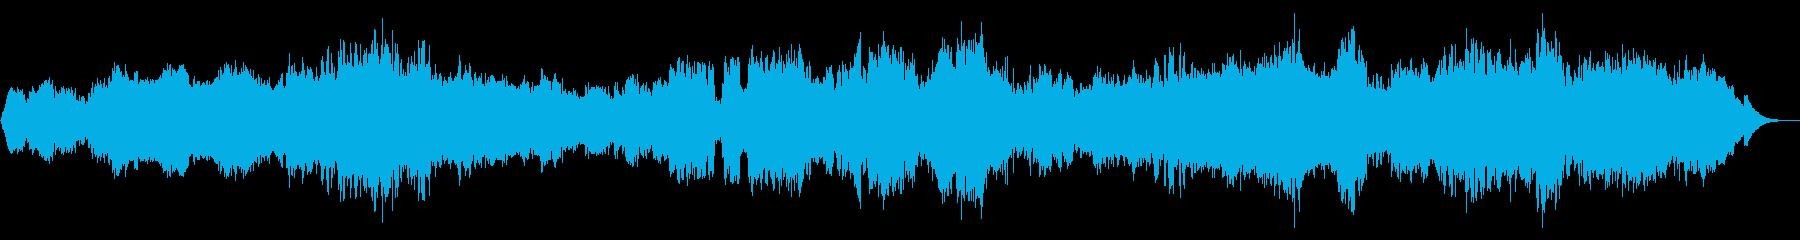 深層まで染み込む癒し系BGM-自然音ナシの再生済みの波形